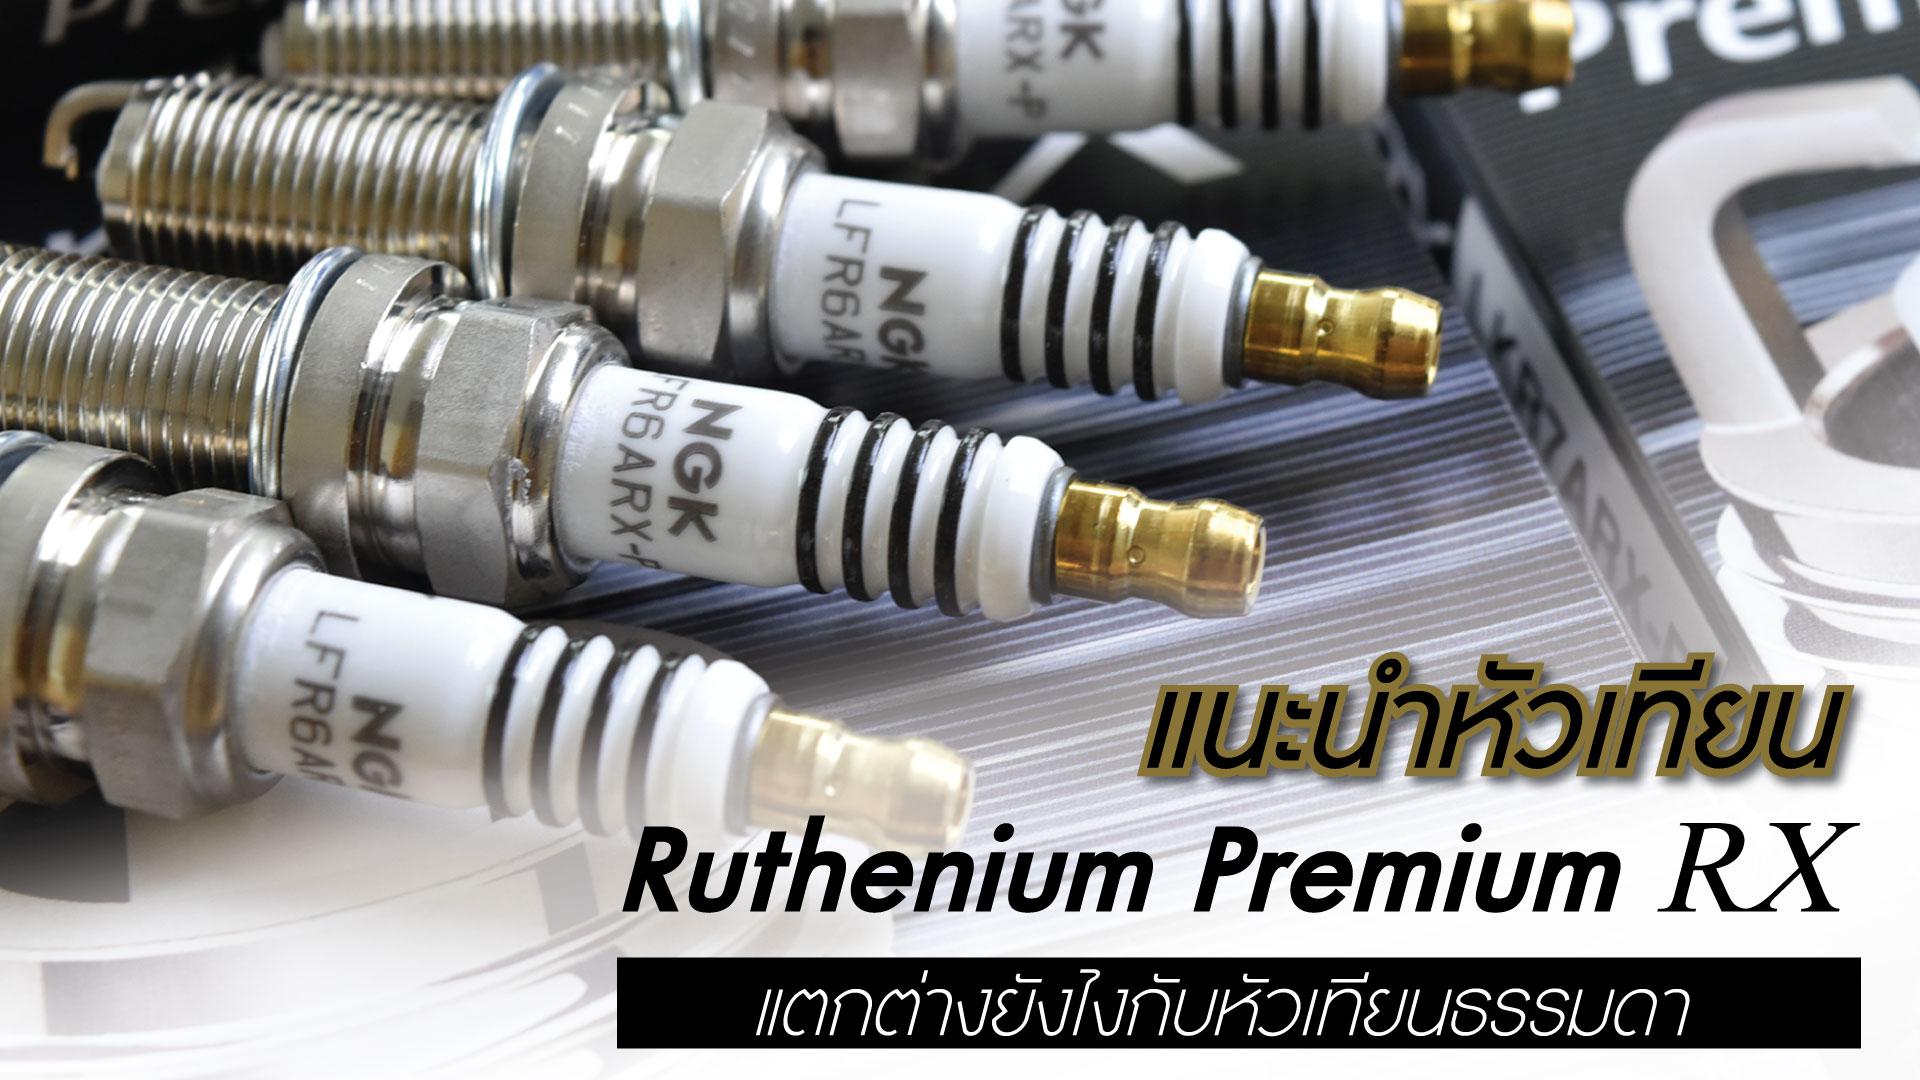 หัวเทียน Ruthenium Premium RX ดีกว่าหัวเทียนธรรมดายังไง